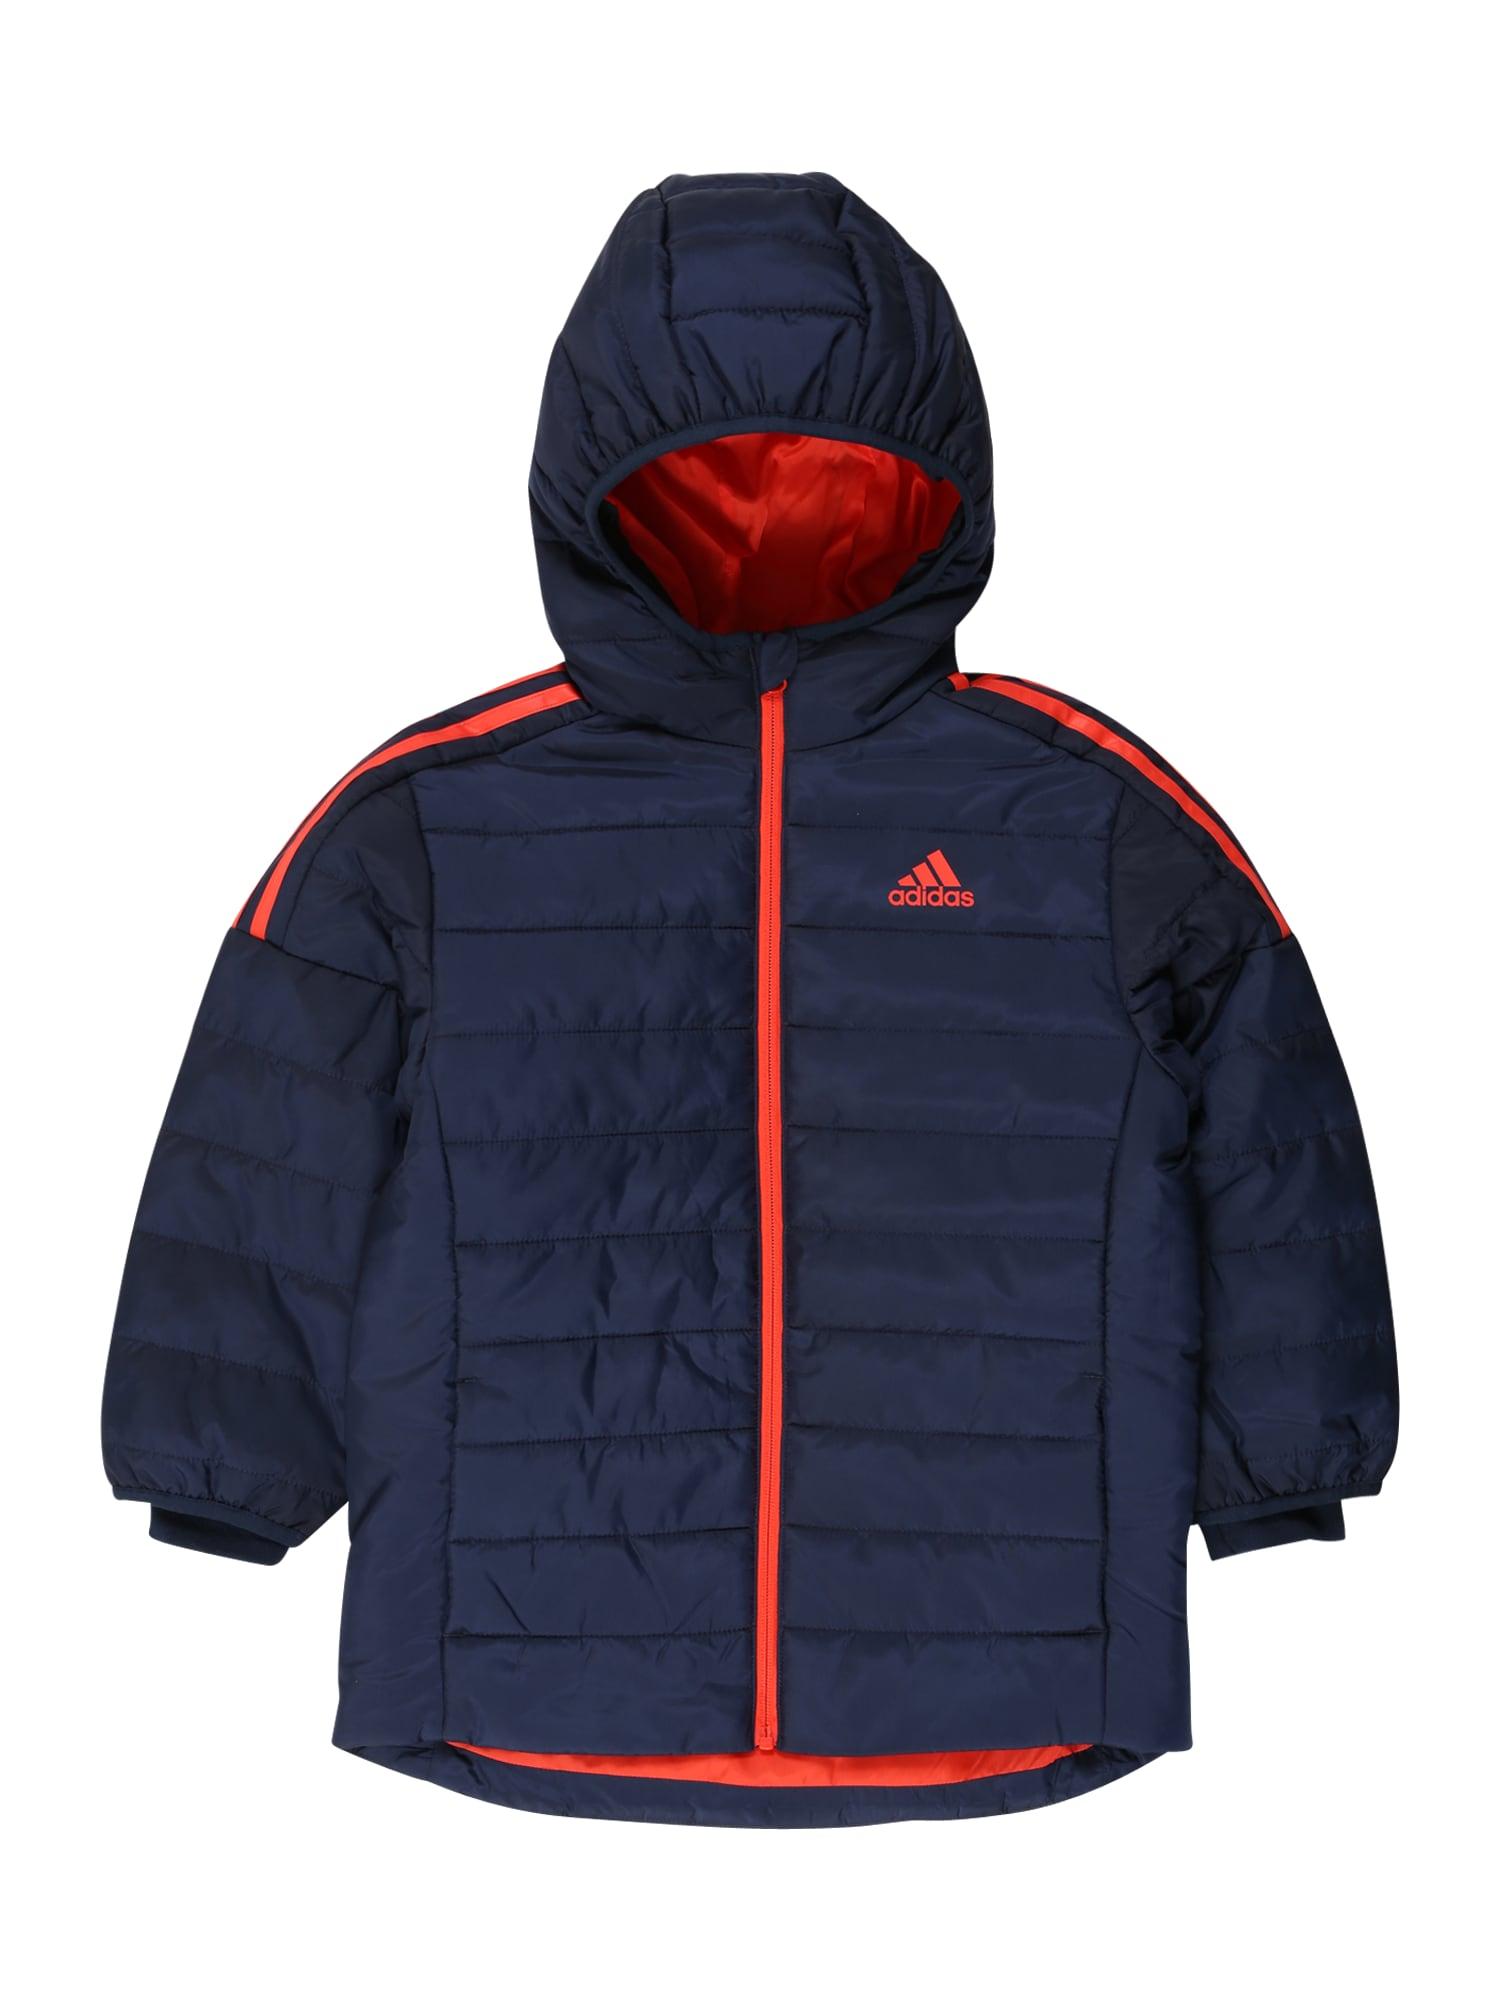 ADIDAS PERFORMANCE Sportinė striukė tamsiai mėlyna / raudona